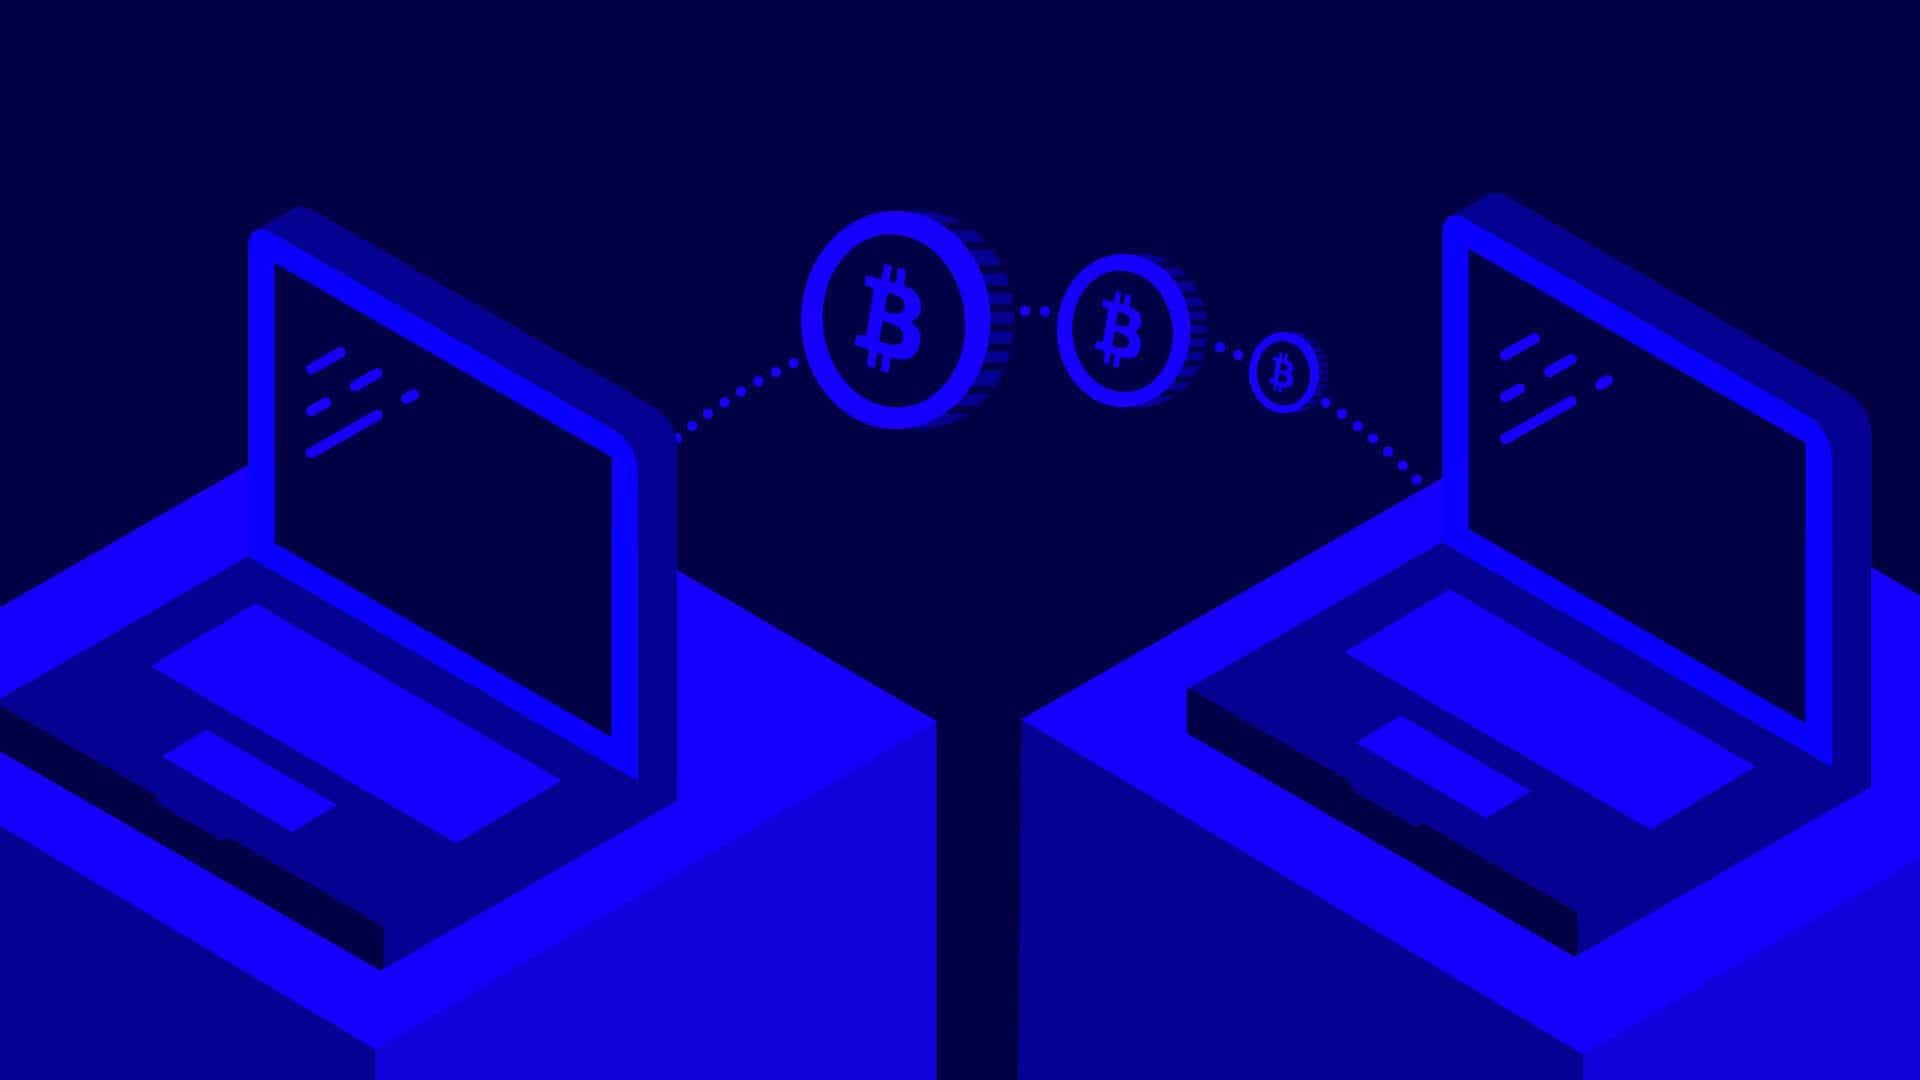 Zwei Laptops mit Bitcoin Münzen, Symbol für Konsens oder Konsensus, Übereinstimmung bei Kryptowährungen wie Ethereum, Tron, Bitcoin